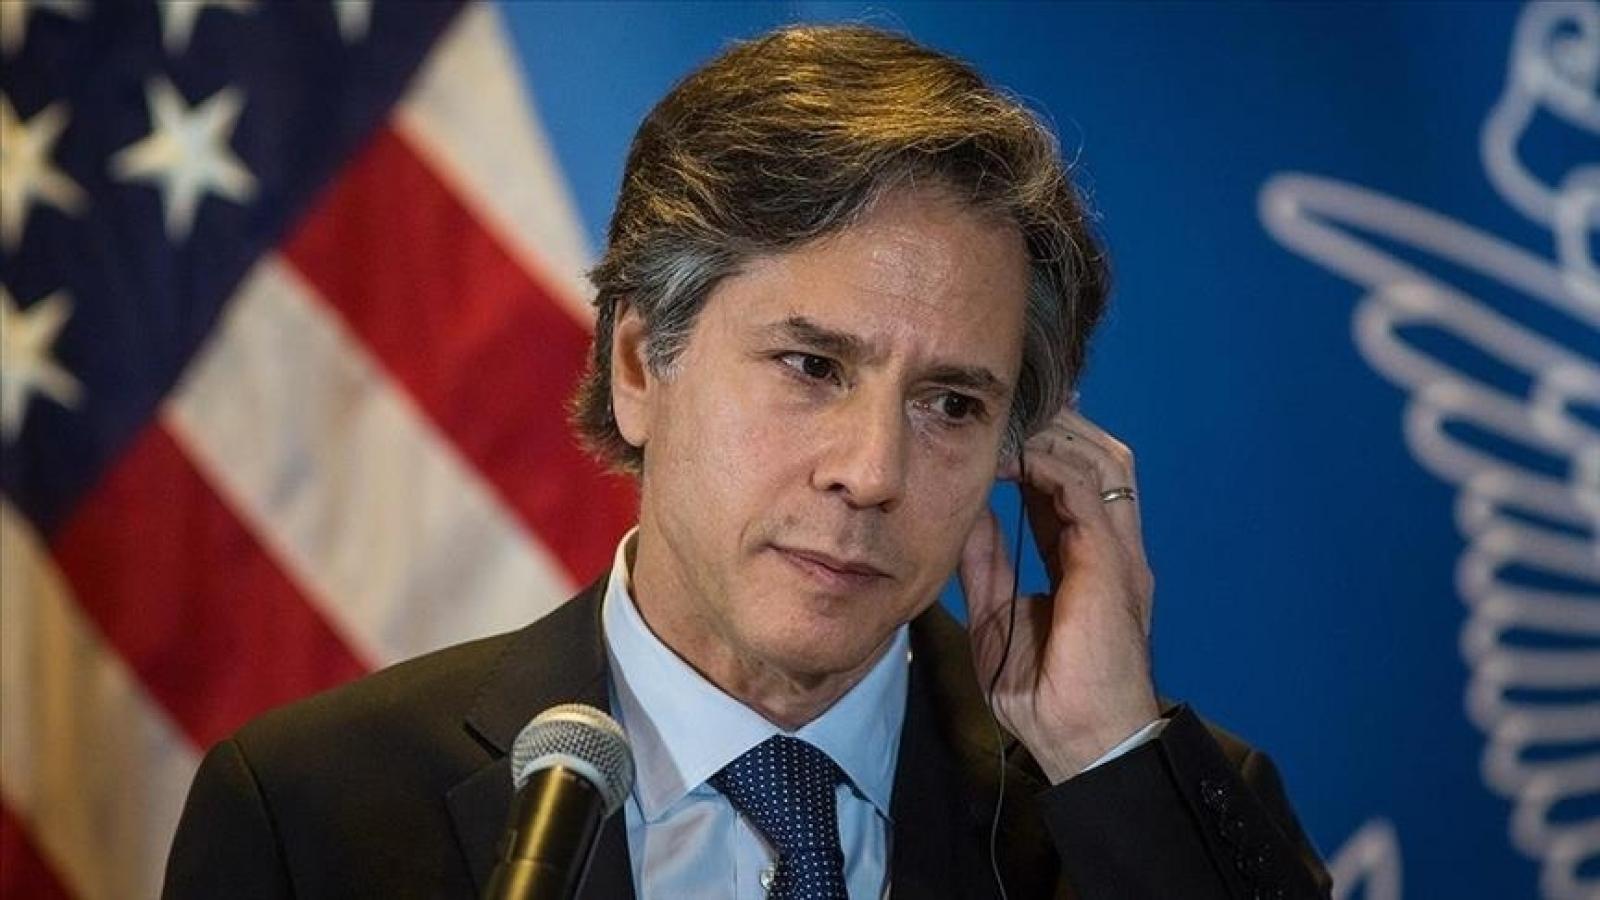 Mỹ: còn quá sớm để nhận định về các cuộc đàm phán hòa bình ở Afghanistan